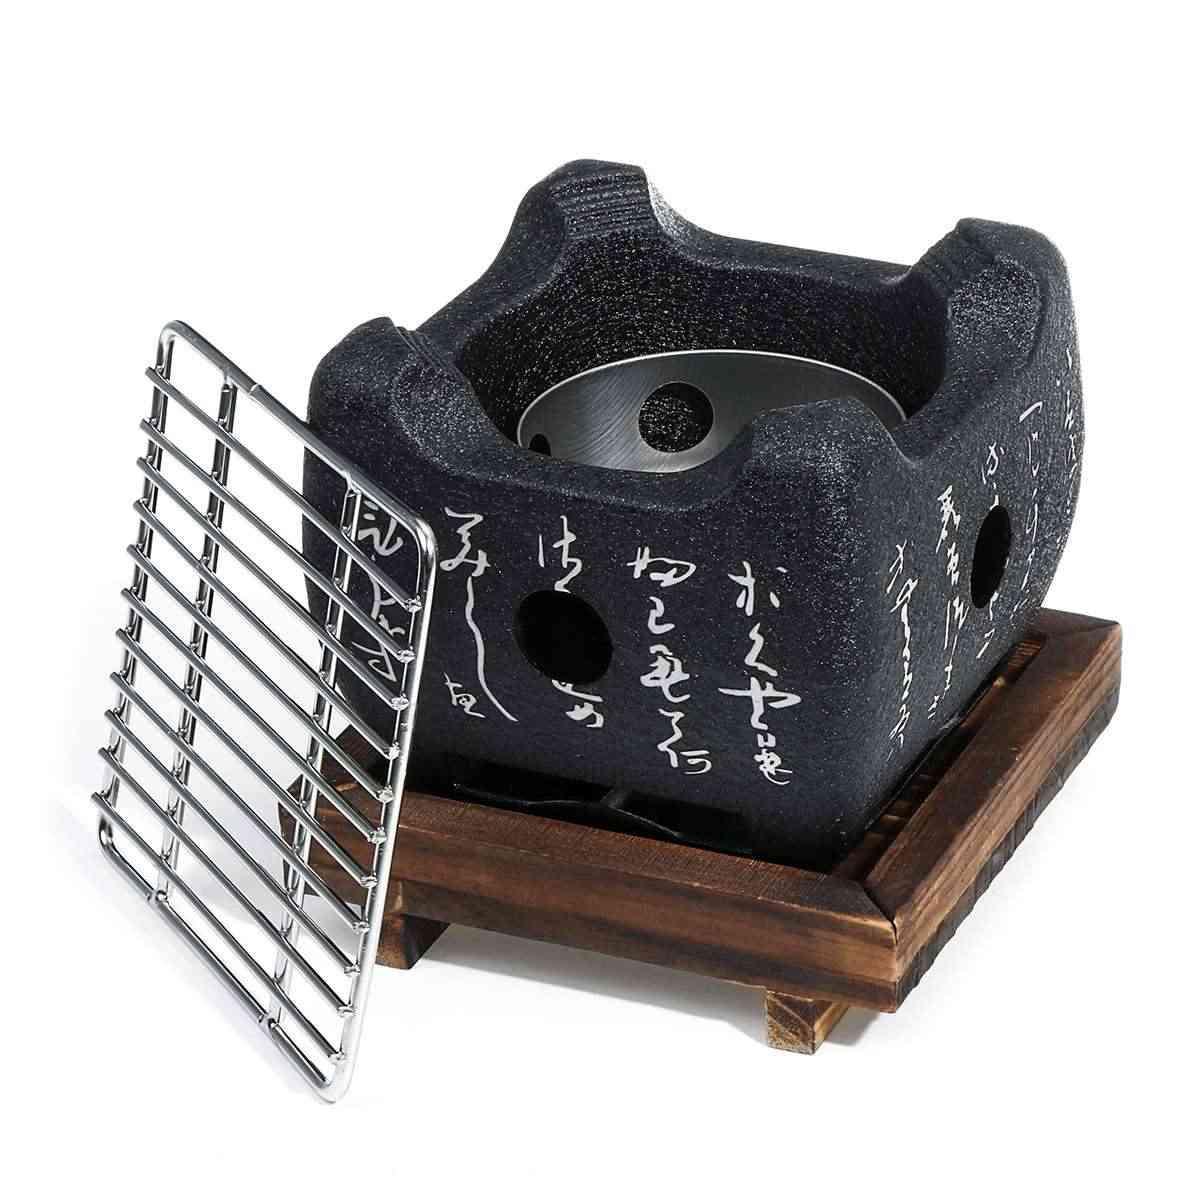 S/m/l ポータブル日本韓国バーベキューグリル食品カーボン炉バーベキューストーブ調理オーブンアルコールグリル家庭用バーベキューツール